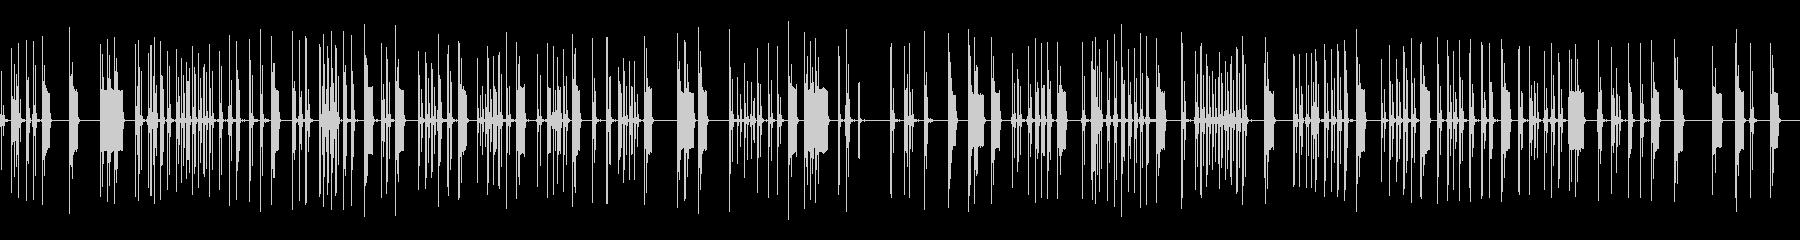 パンチングキーボード、ビープ音、オ...の未再生の波形